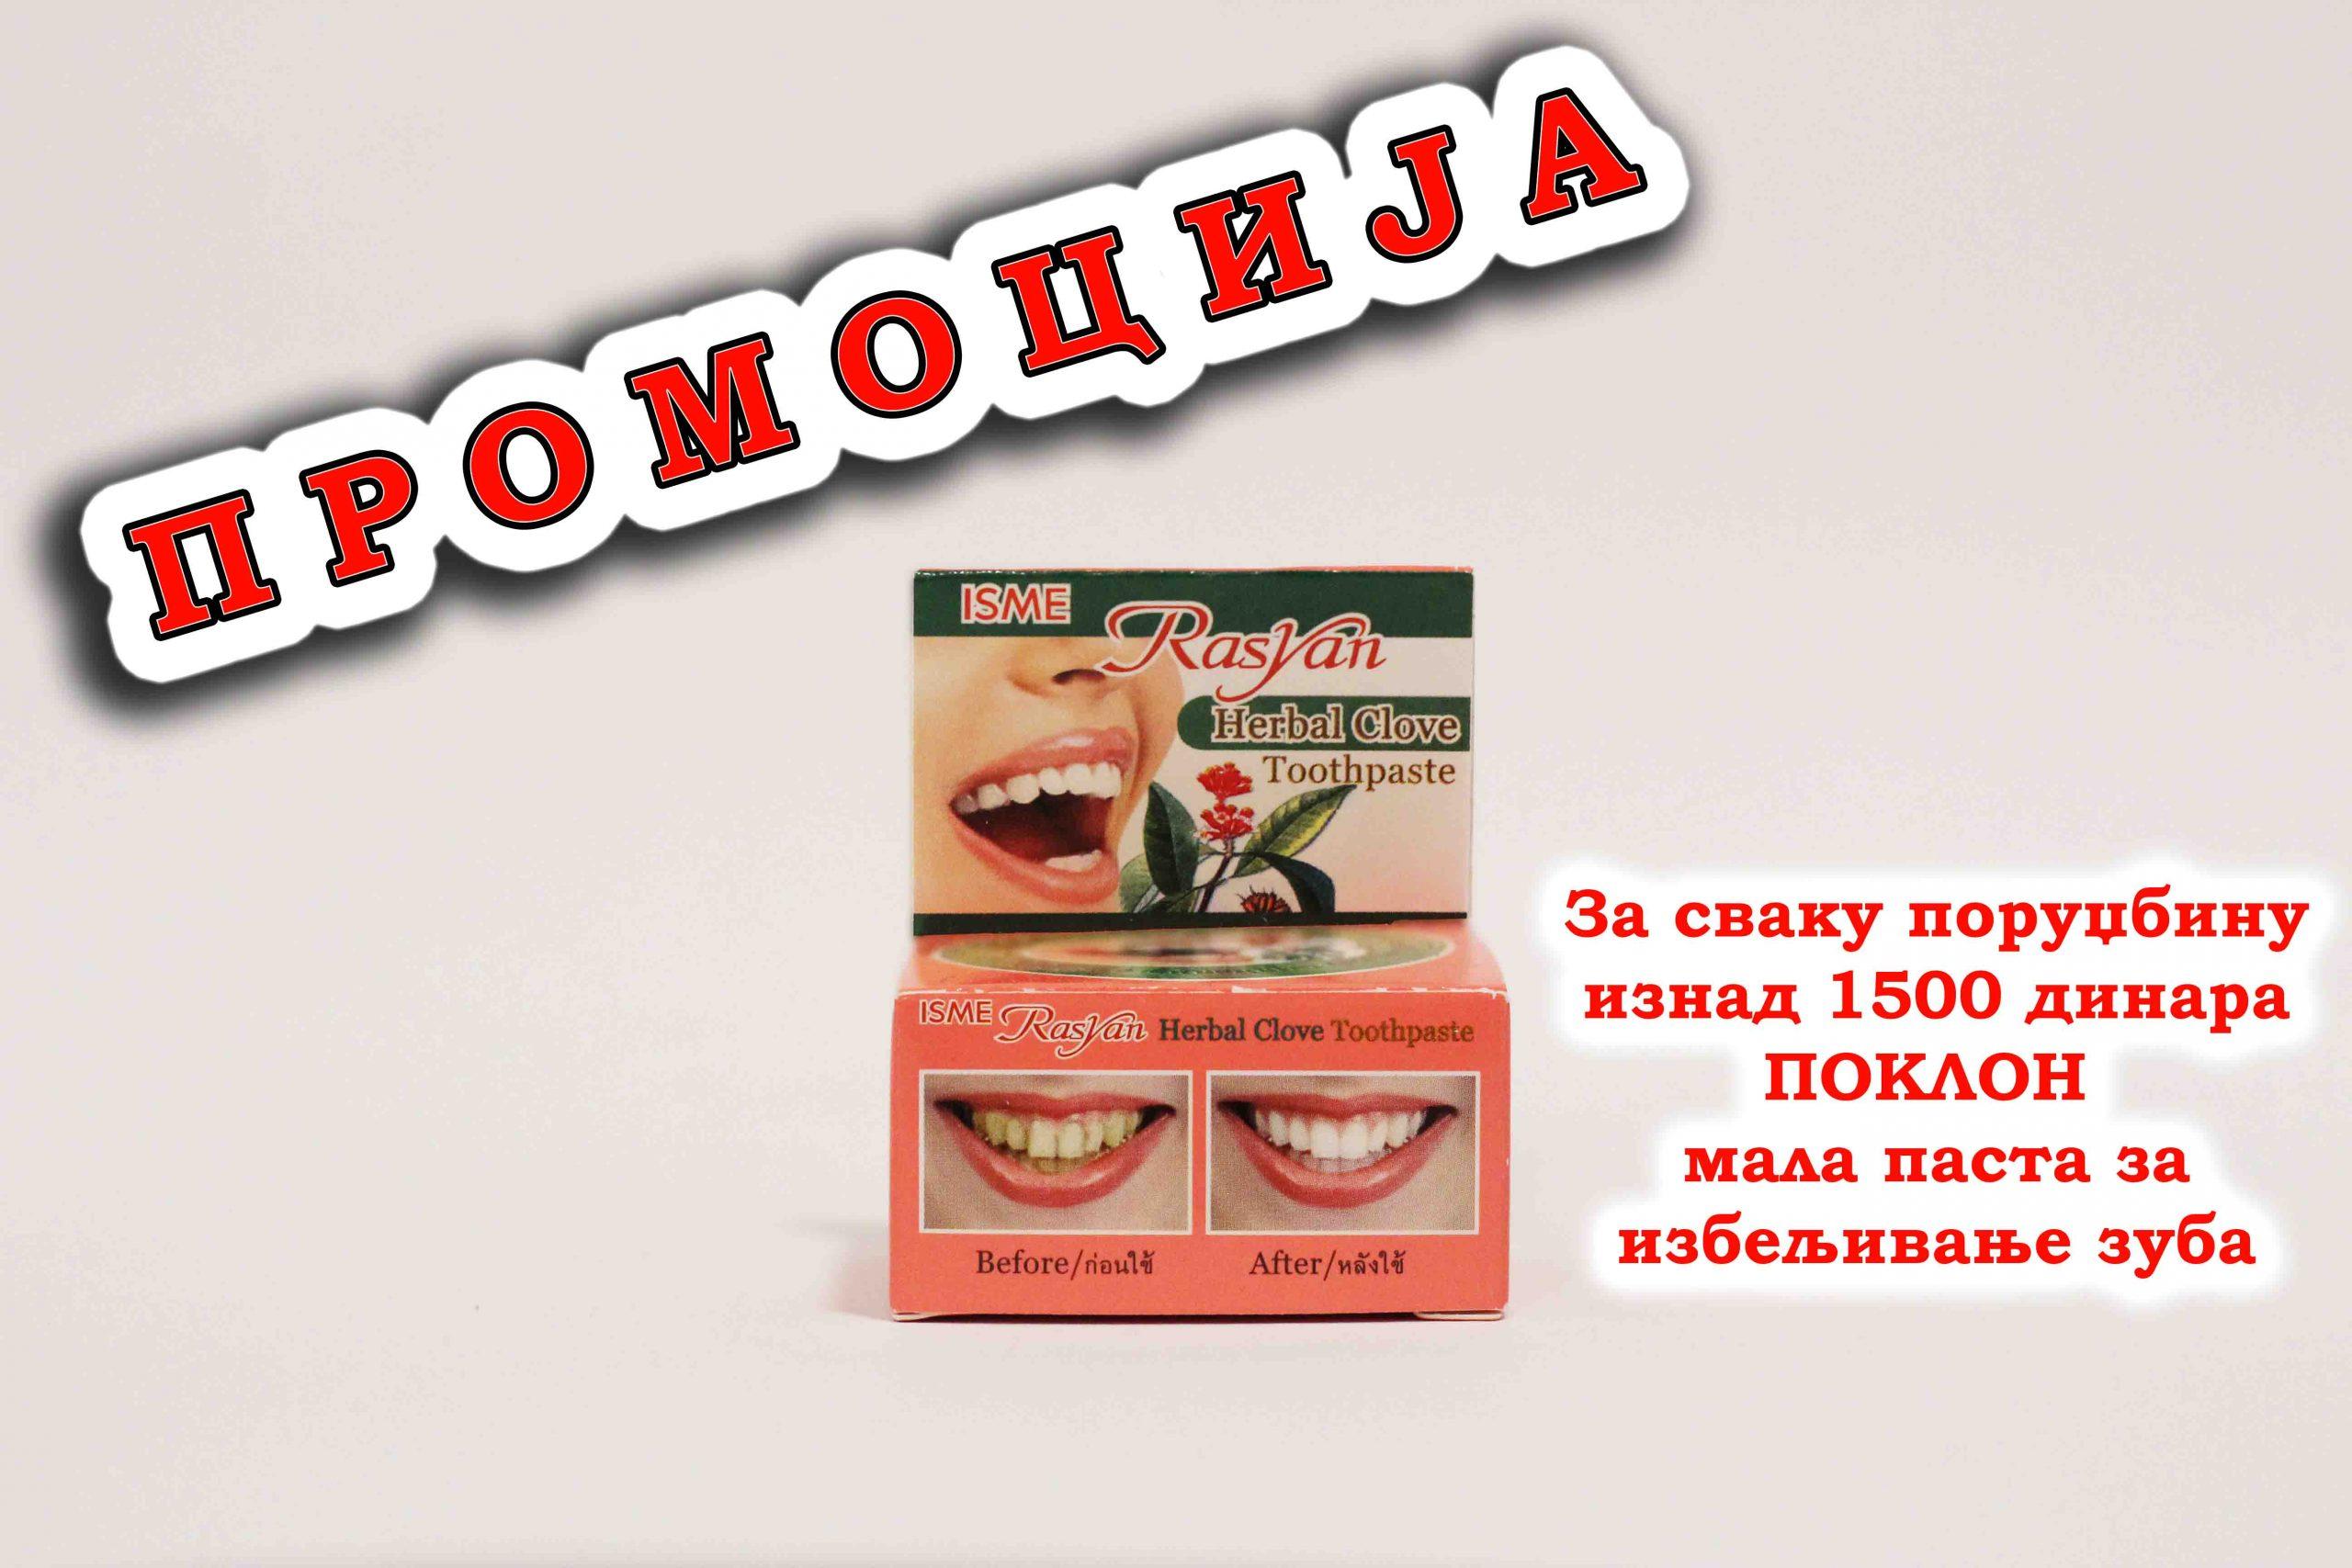 promocija, akcija, gratis pasta za izbeljivanje zuba